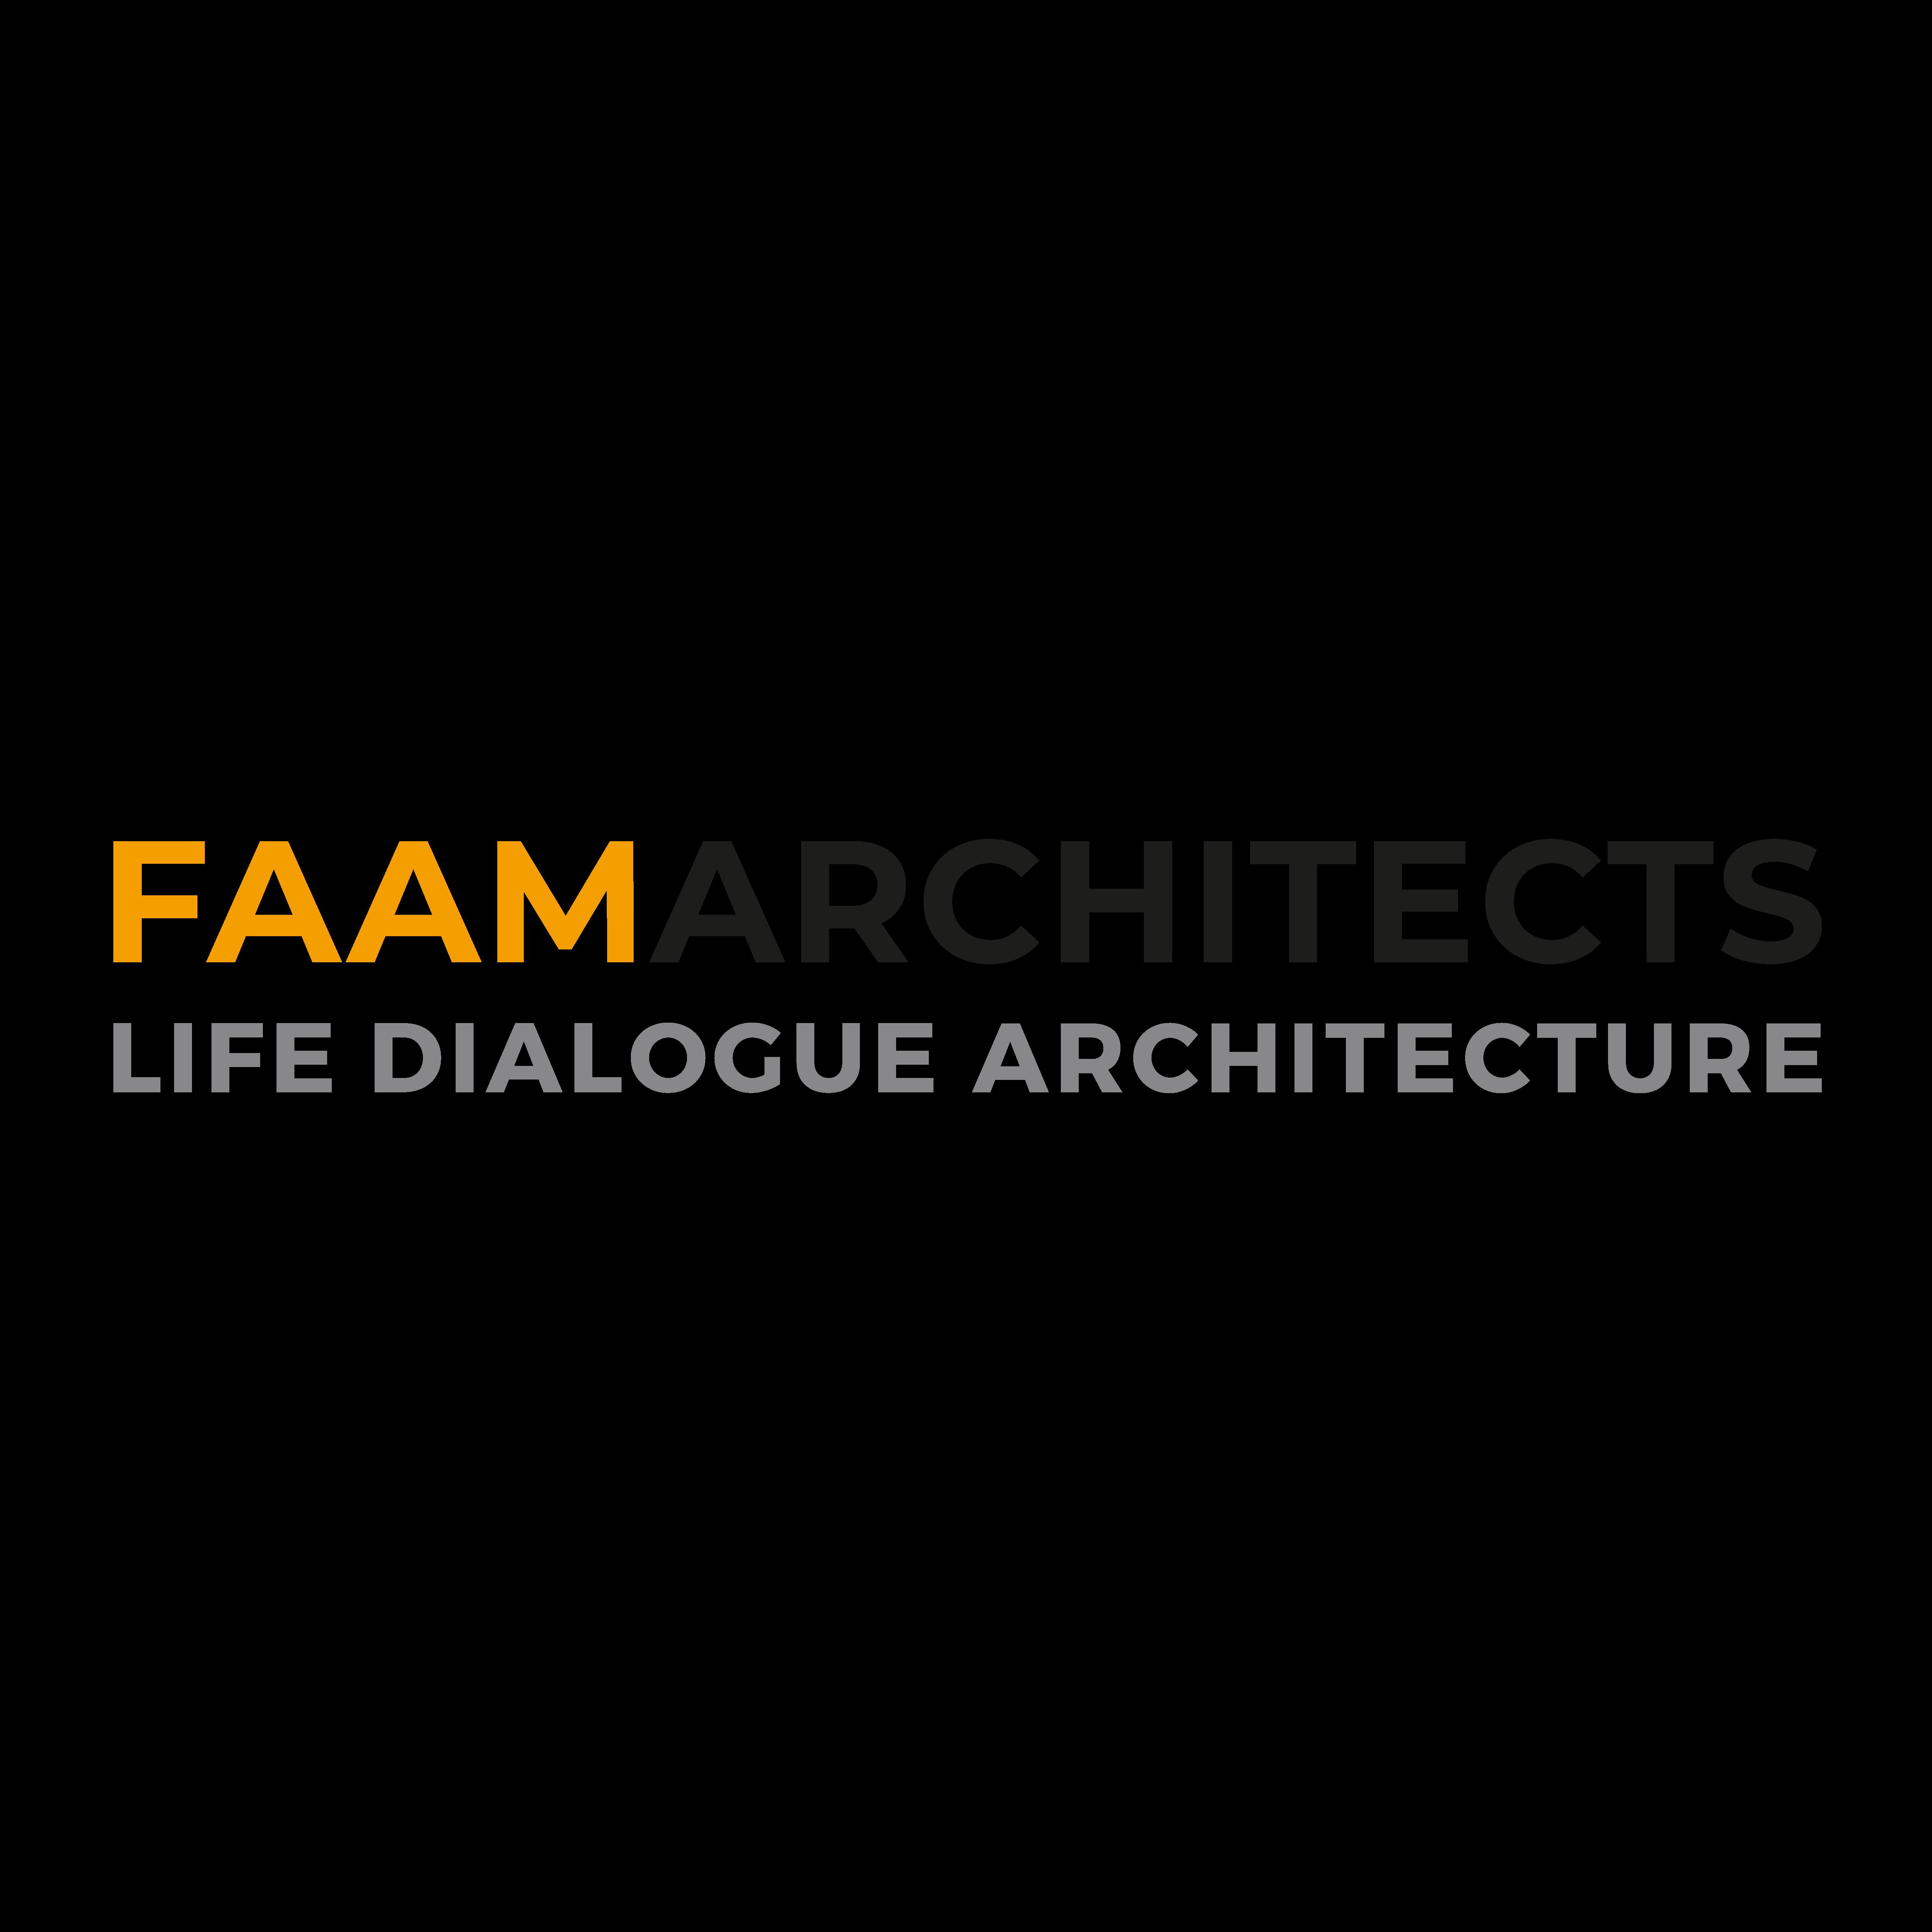 Logo FAAM architects